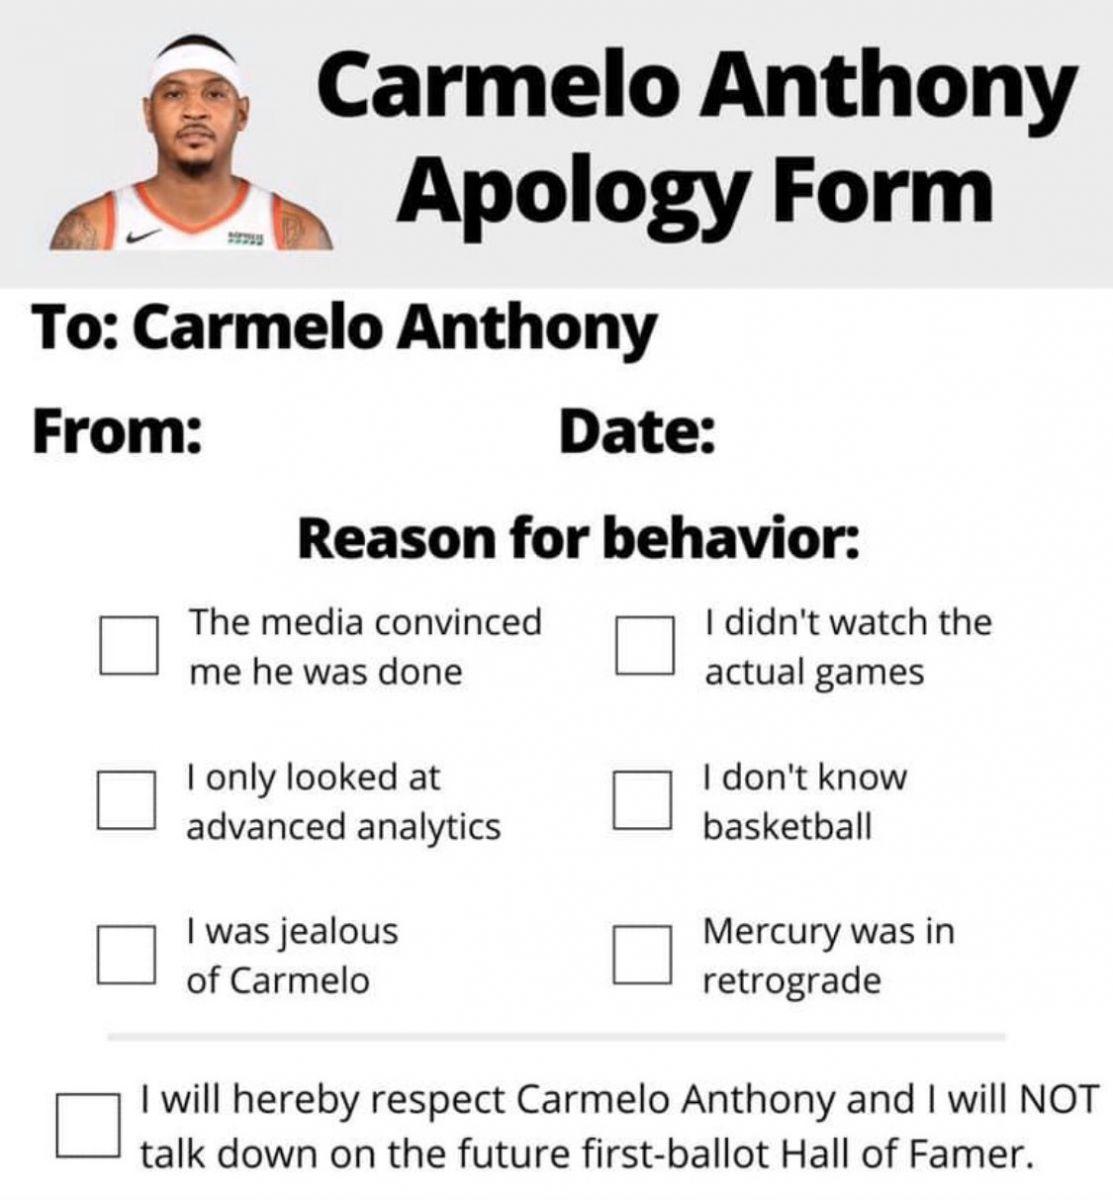 用实力说话!美媒制作向安东尼致歉的申报表向其致敬